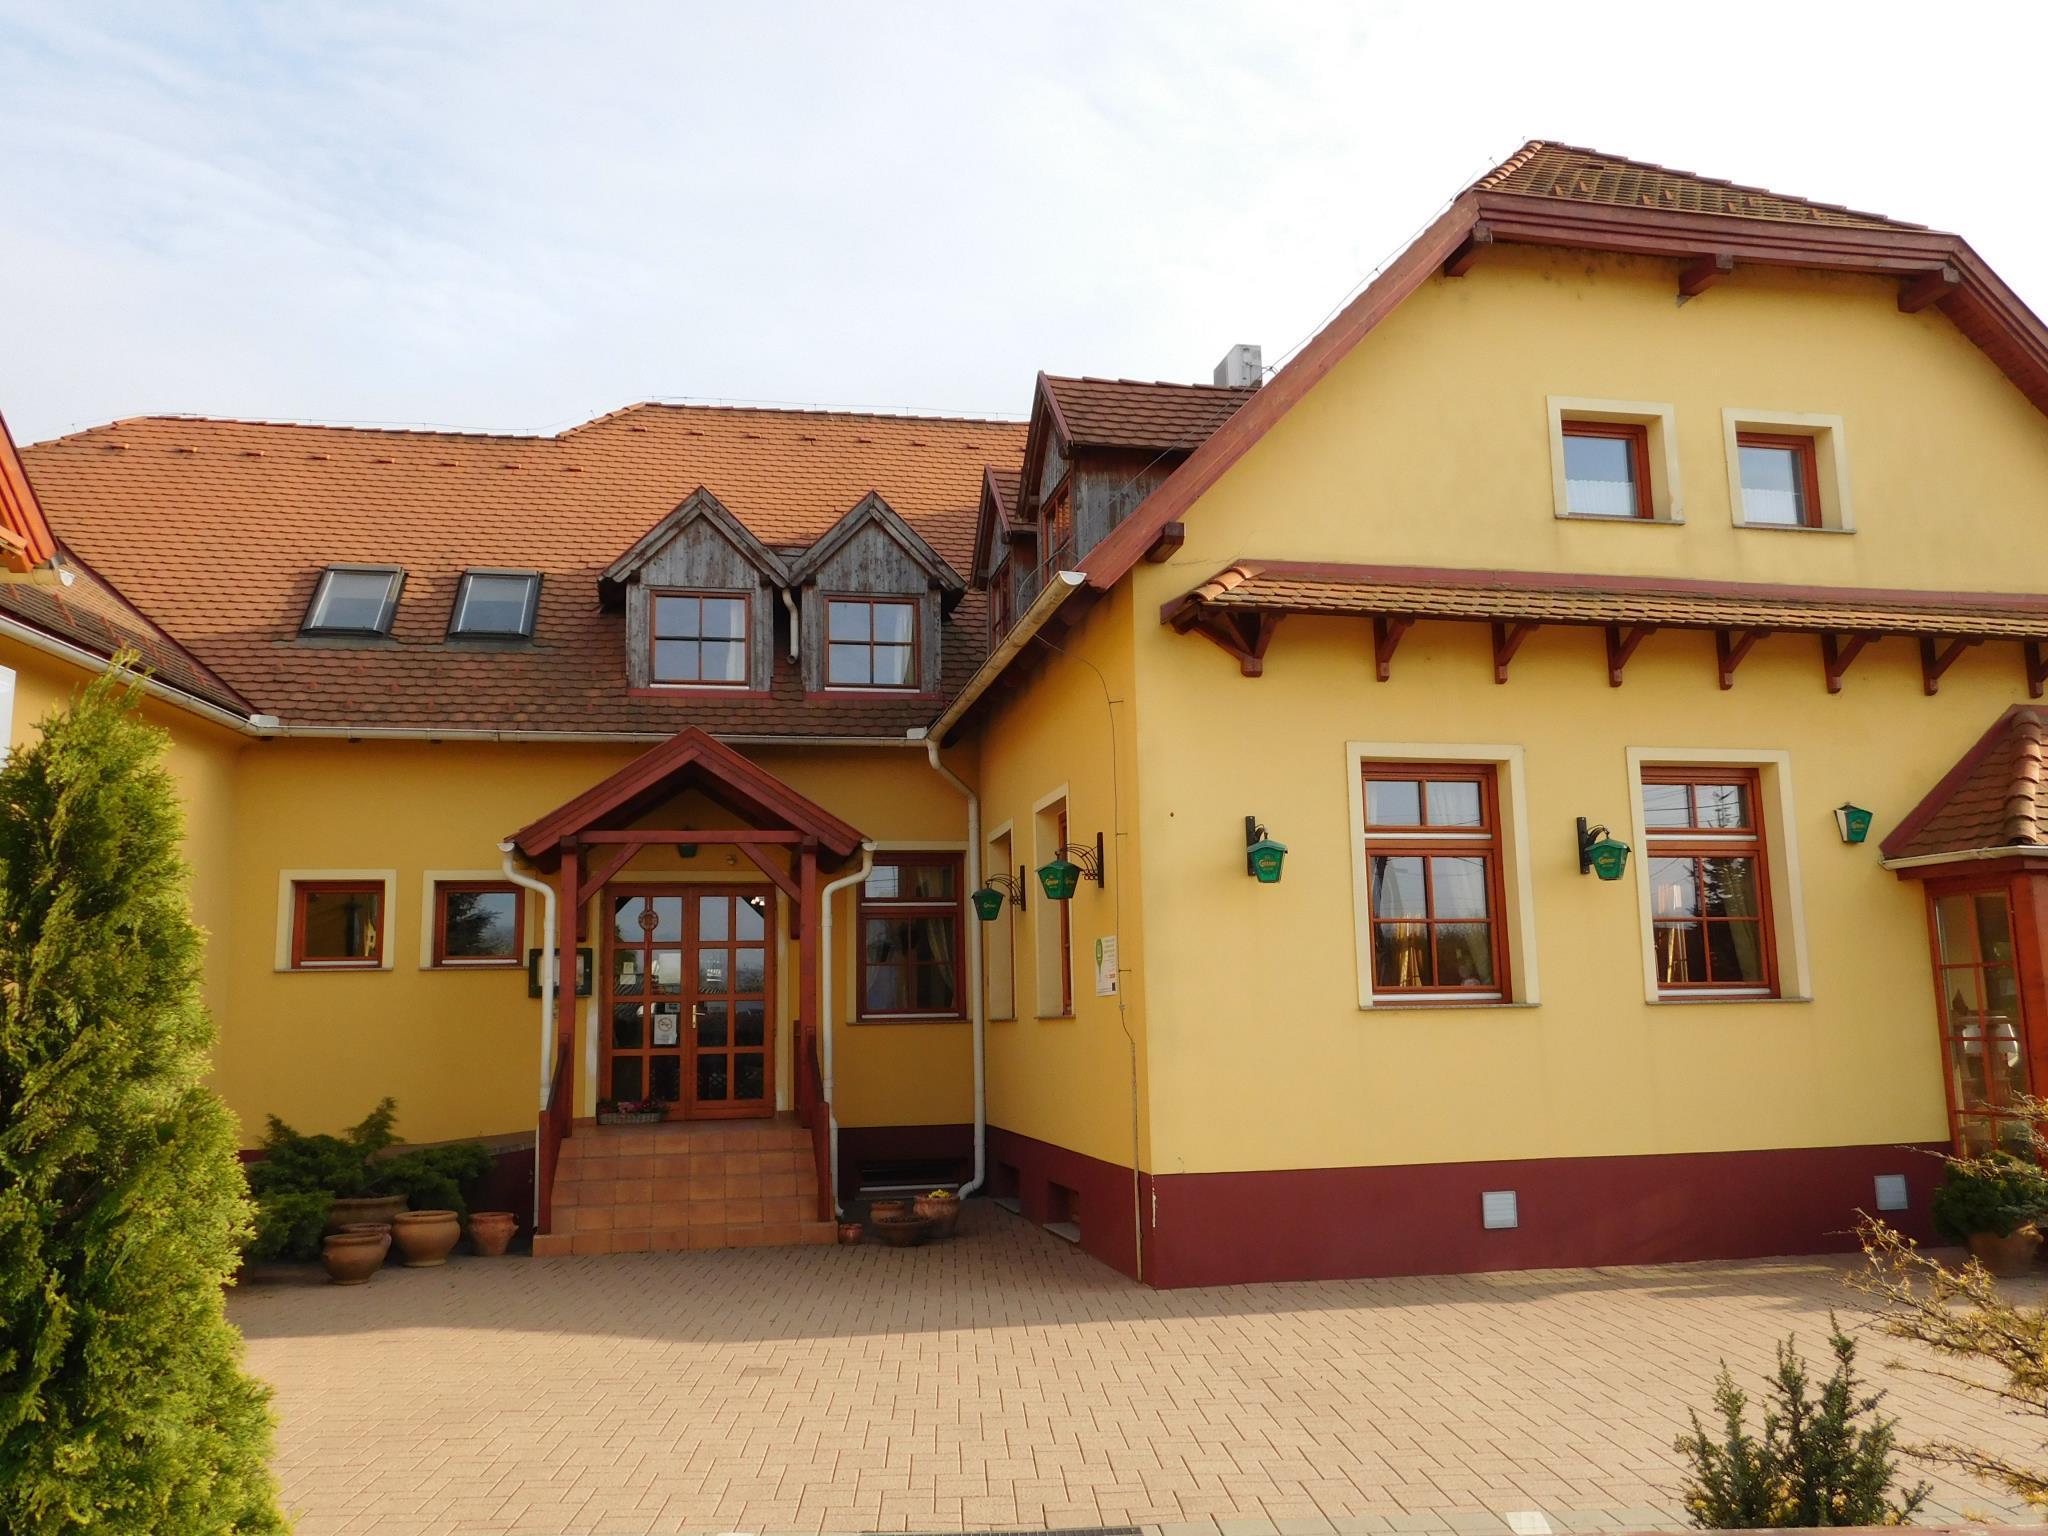 Berki Restaurant and Hotel, Körmend